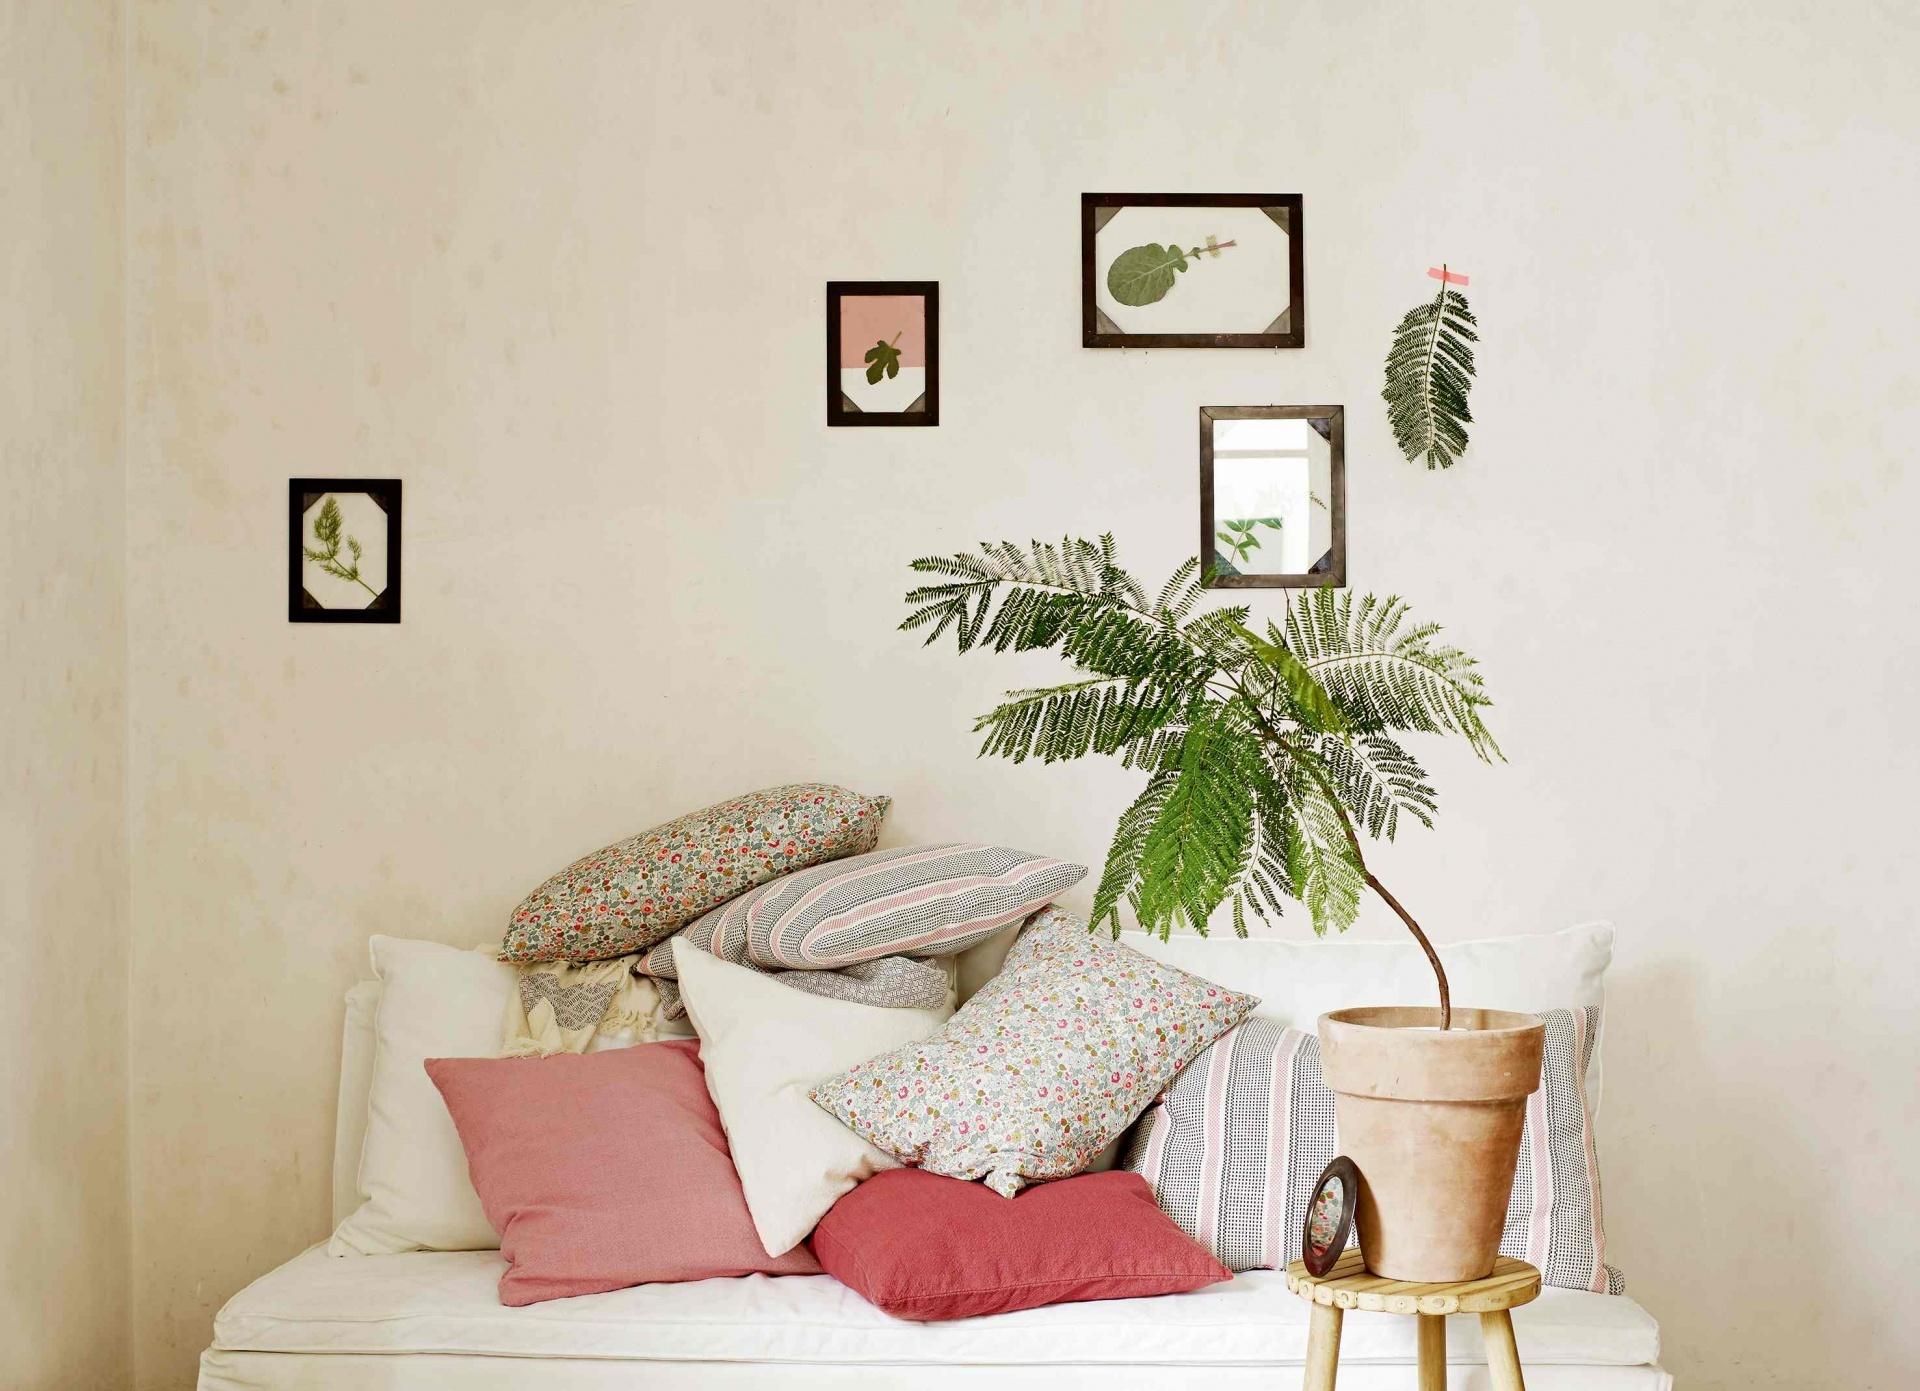 10 neue Trends, die unsere Wohnung zum Zuhause machen | homegate.ch